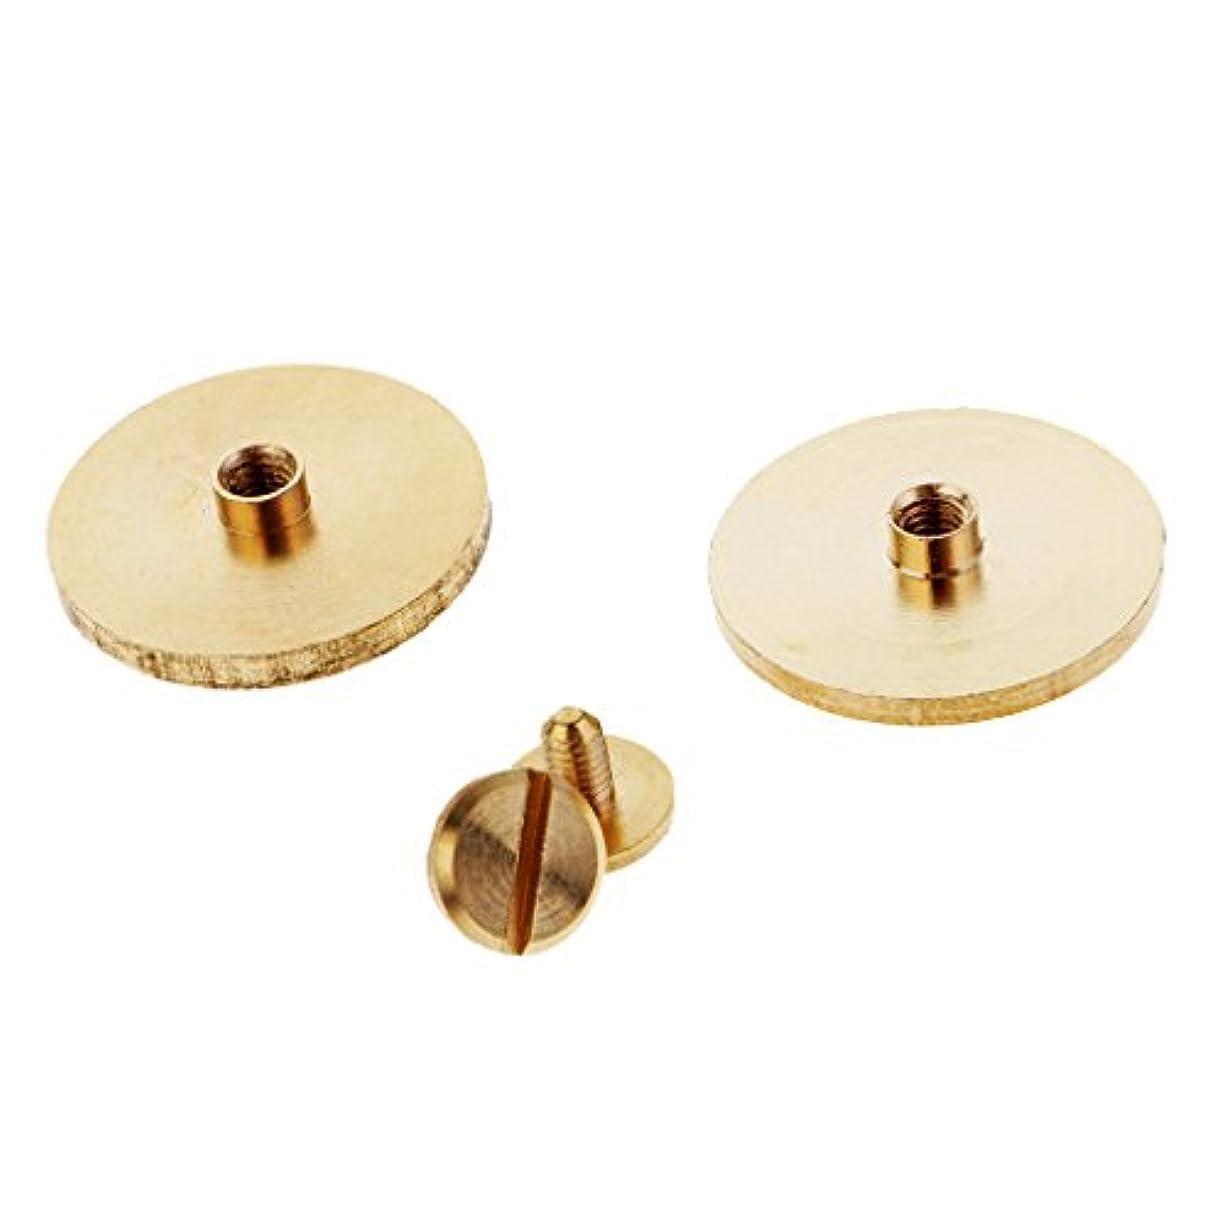 考古学浮浪者復活するリベット 衣類装飾 スタッド ボタン キャップ レザーアクセサリー 手作り 2個入り 全4サイズ - 20mm